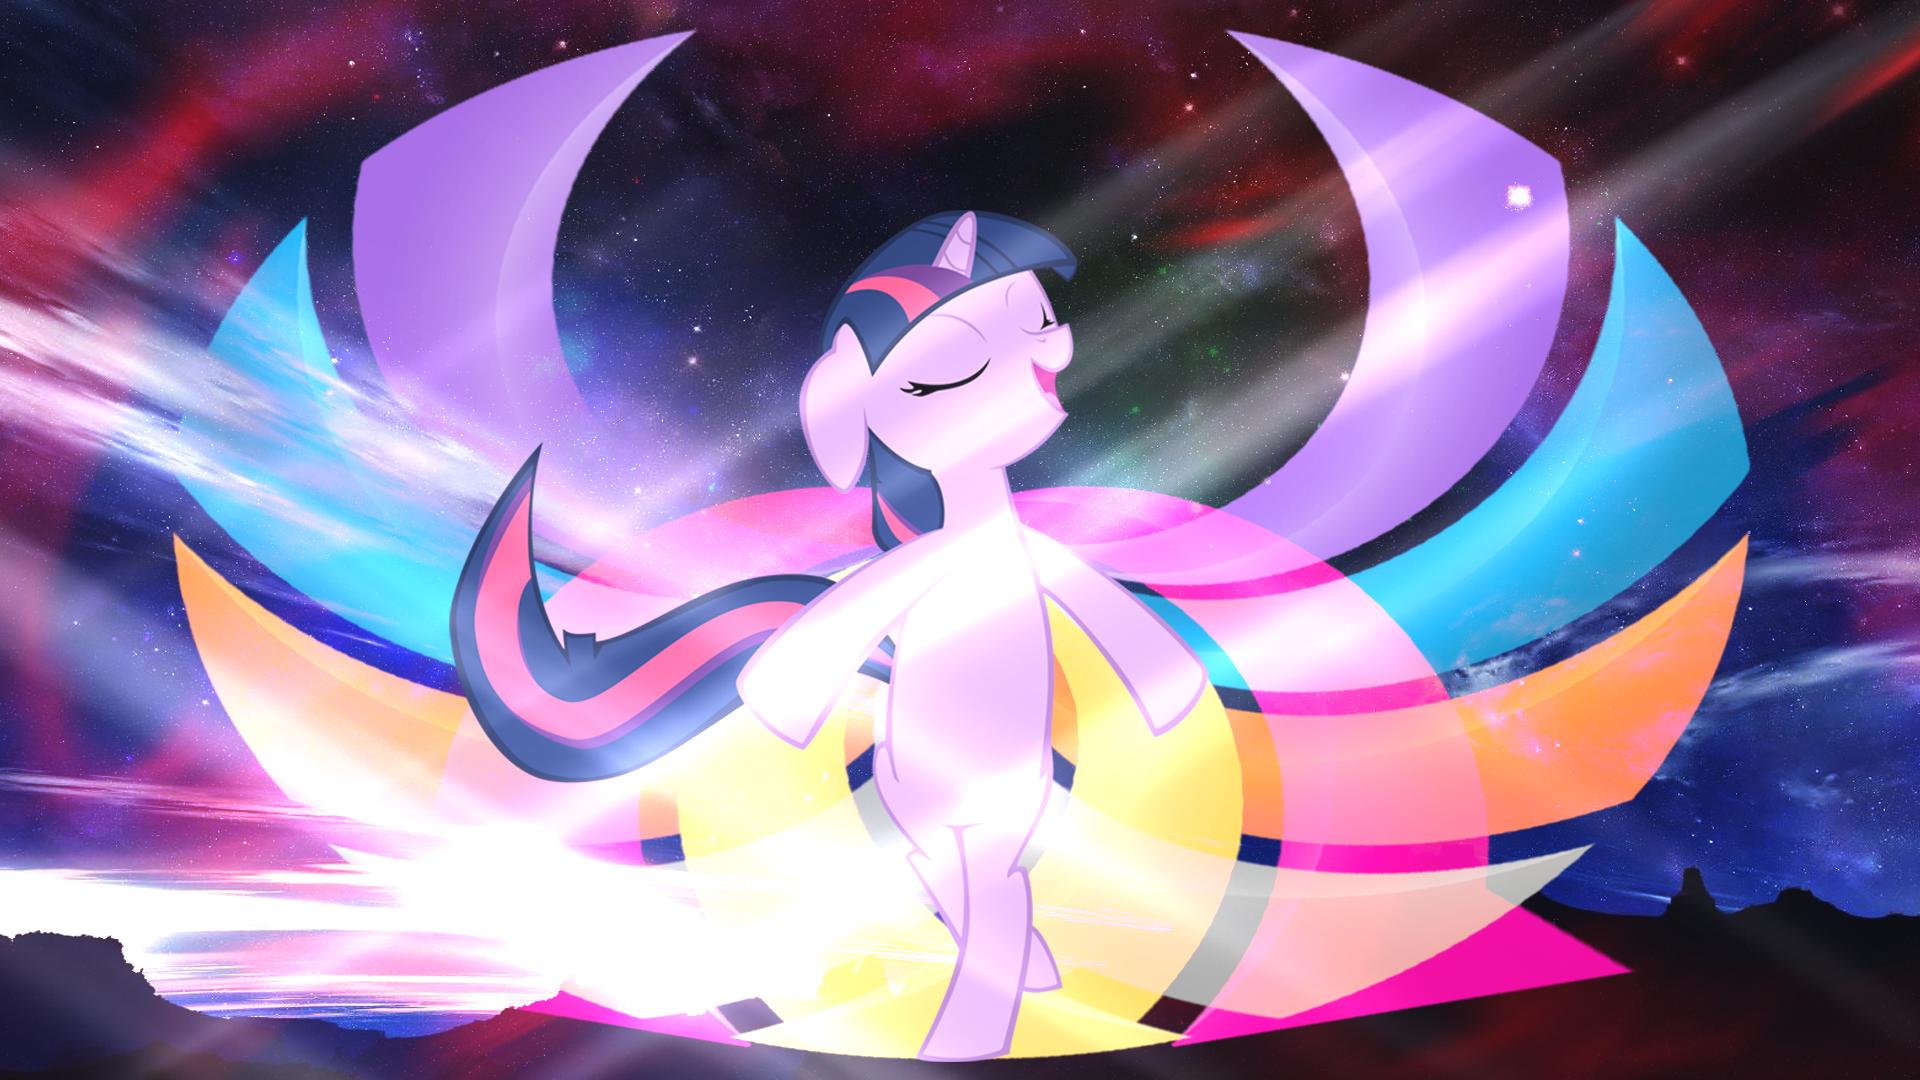 [Wallpaper] Her Wings by Meteor-Venture